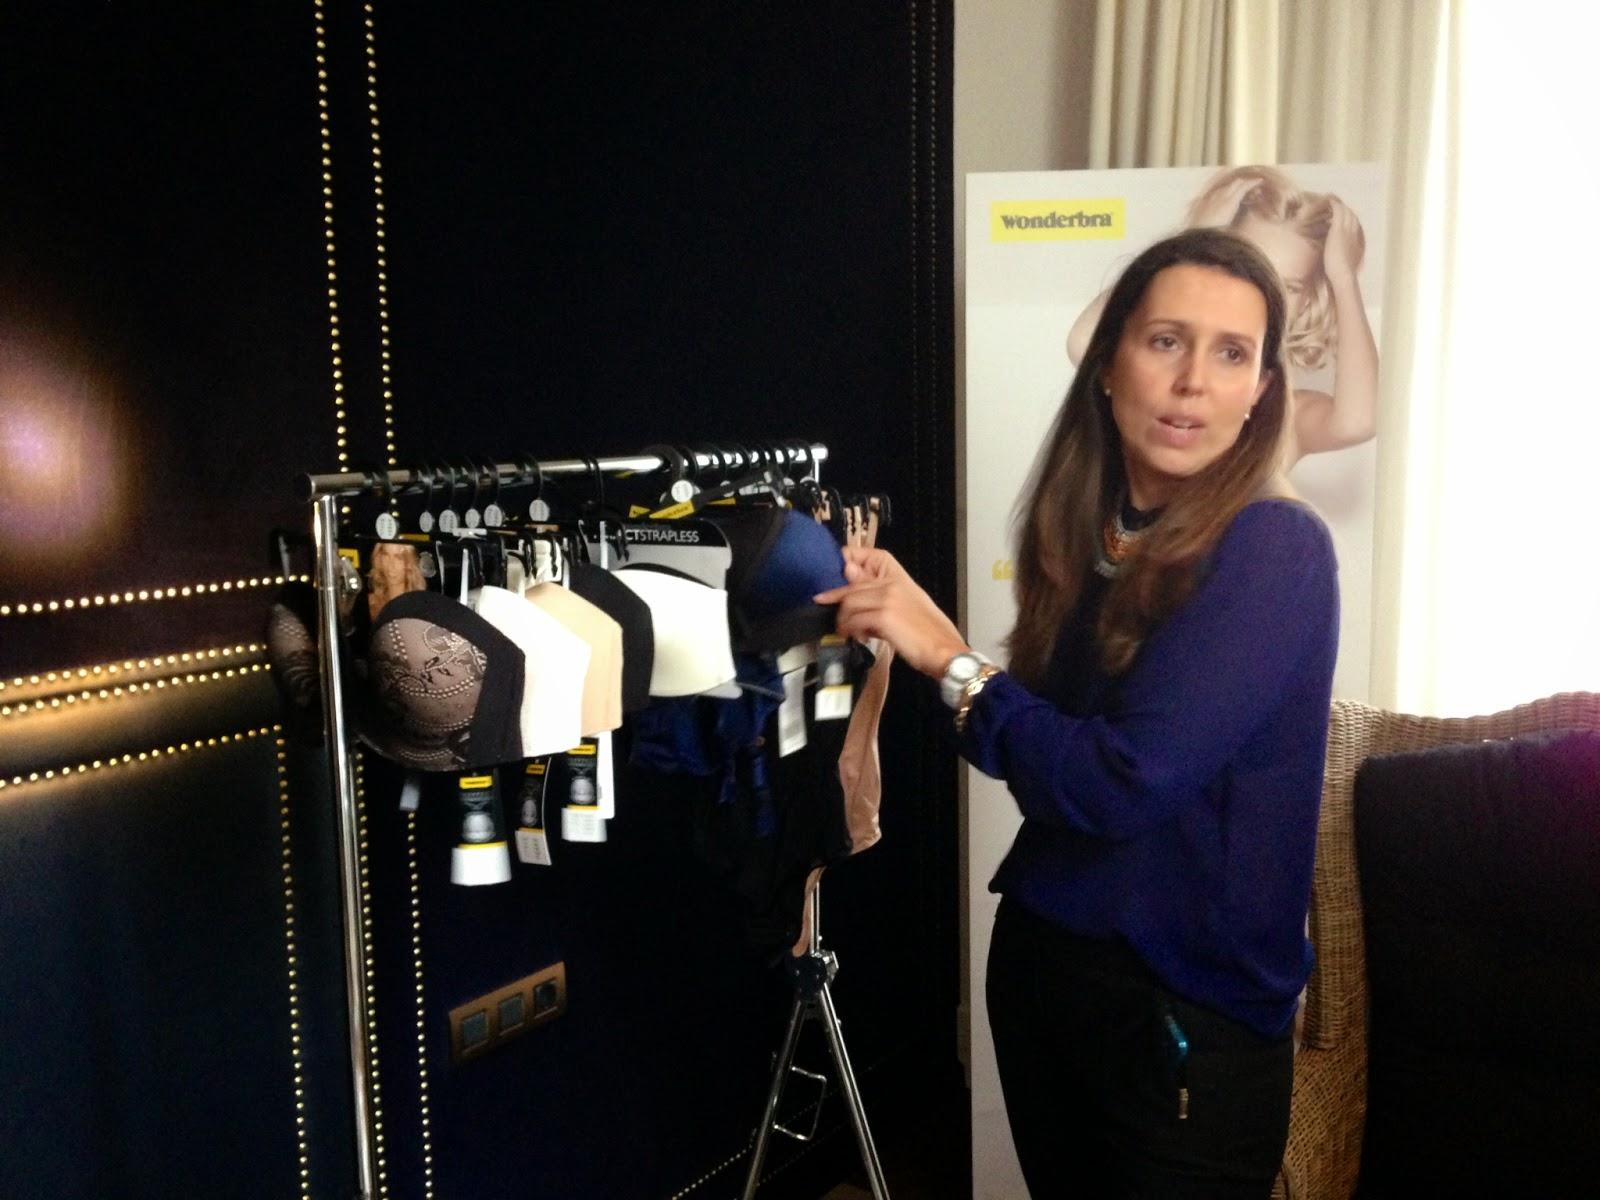 Marta Higuera nos muestra la nueva colección de Wondrebra - Foto: Amaya Barriuso